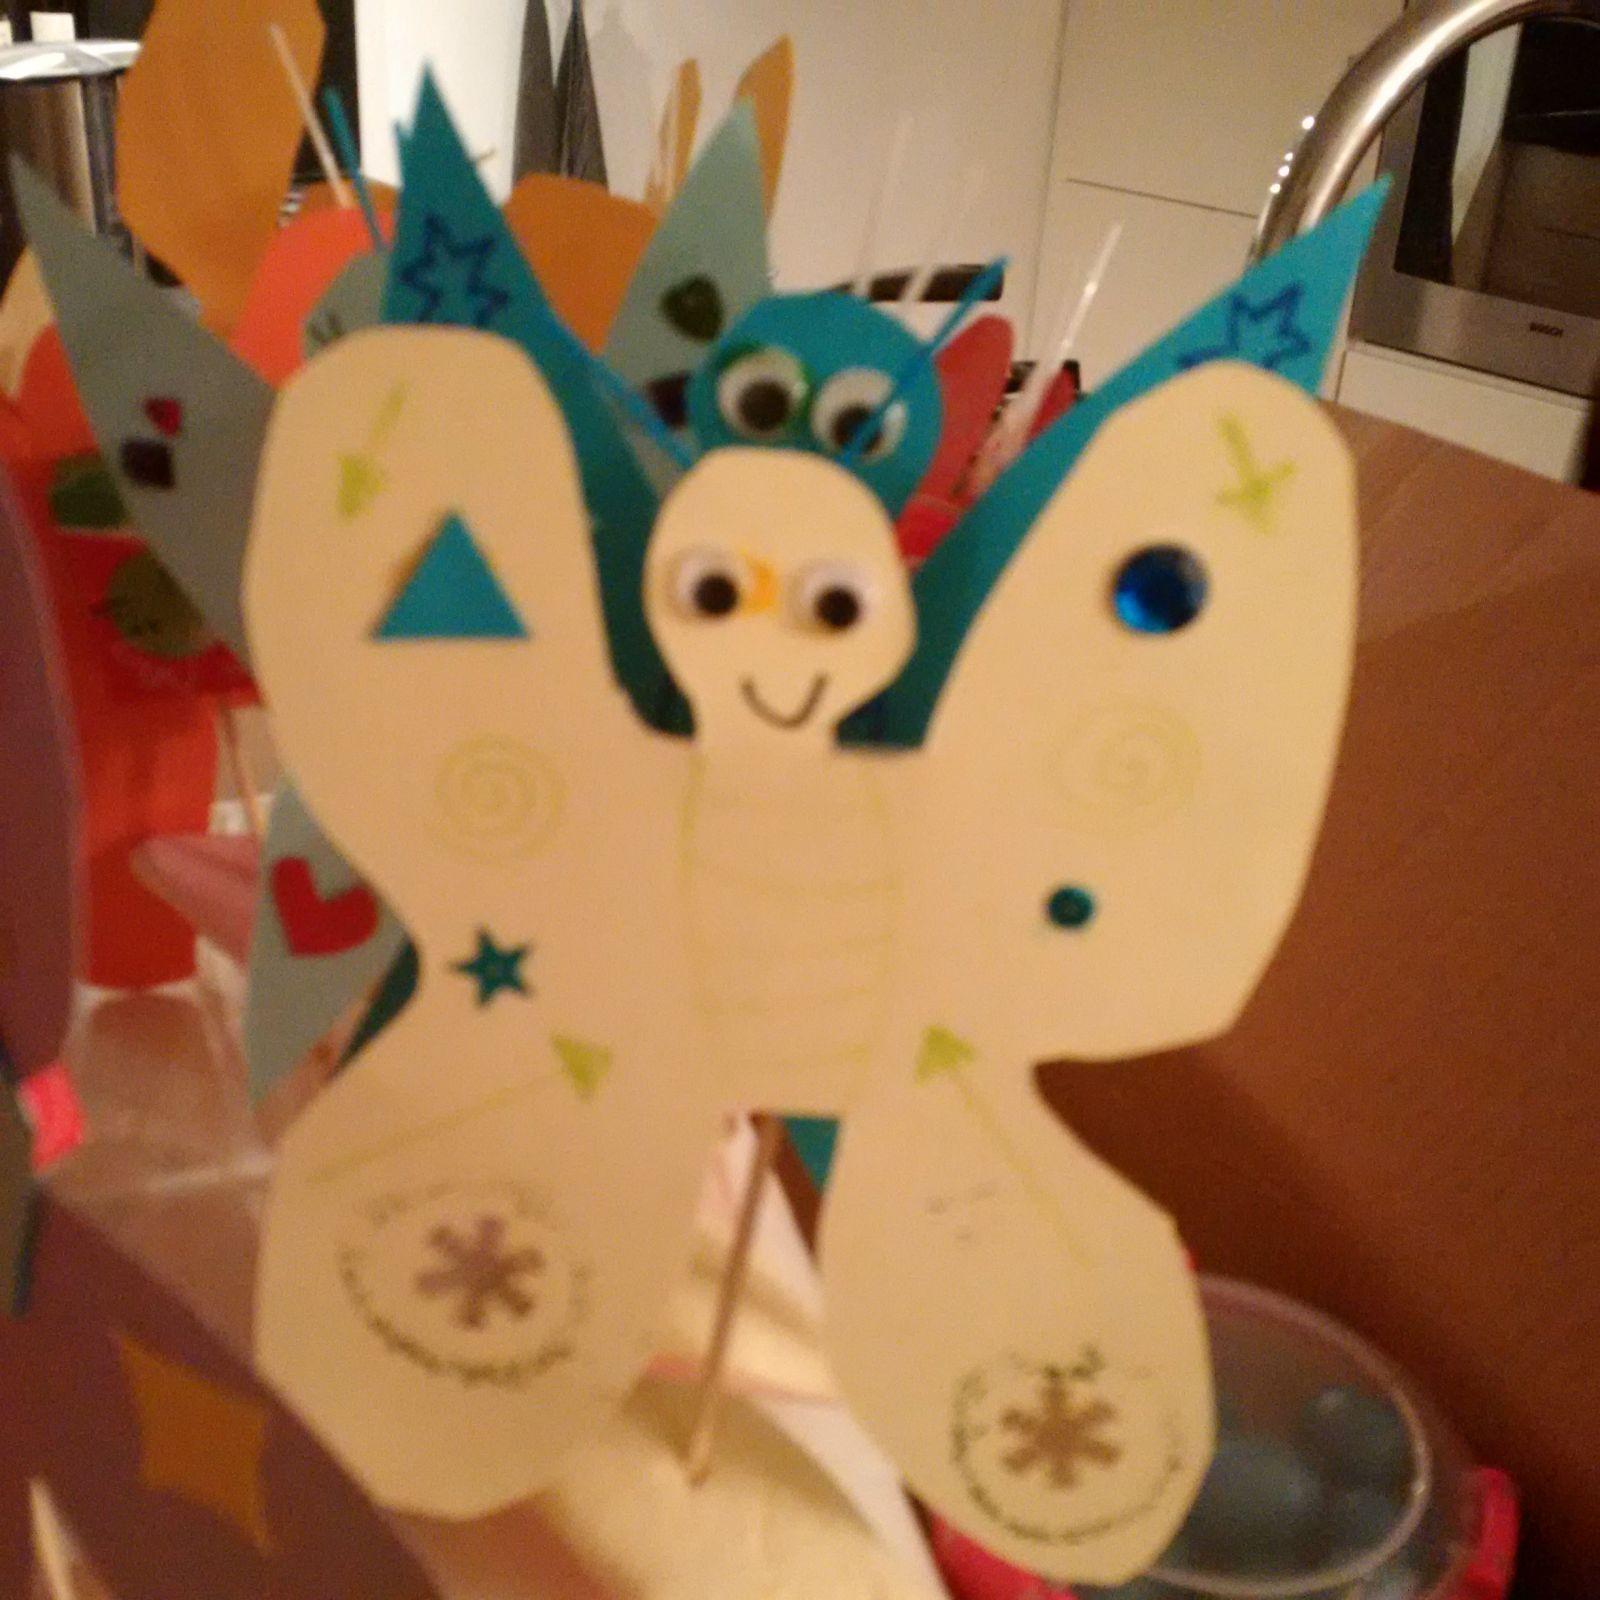 4-16-vlinder-traktatie-trakteren-peuter-kleuter-school-basisschool-meisje-leuk-makkelijk-samen-jarig-verjaardag-kinderen-blog-mama-nanny-moeder-amsterdam-geel